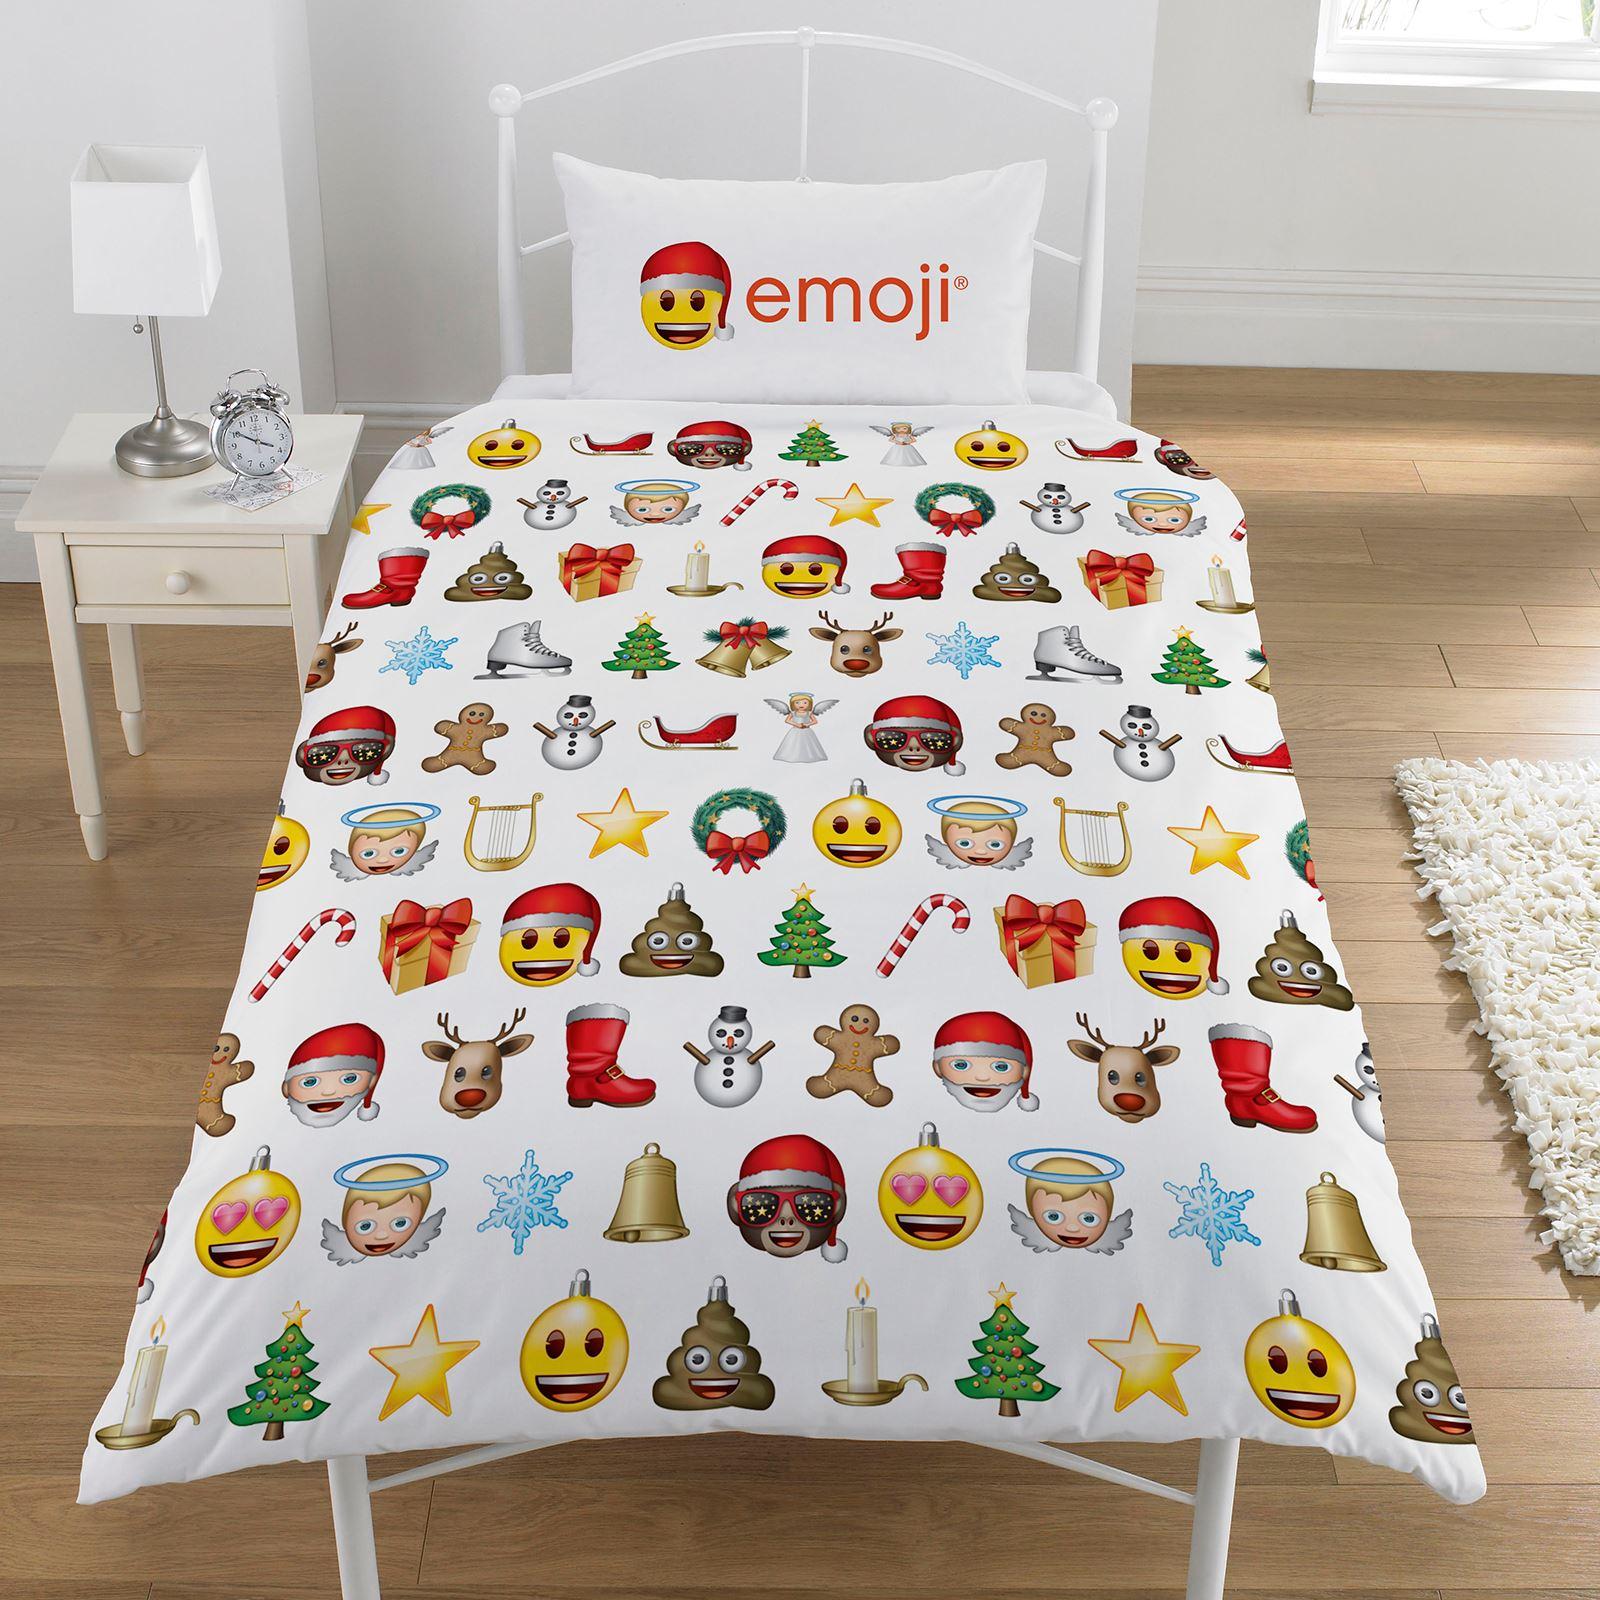 Indexbild 28 - Kinder Weihnachten Bettbezug Sets - Junior Einzel Doppel King - Elf Emoji Grinch